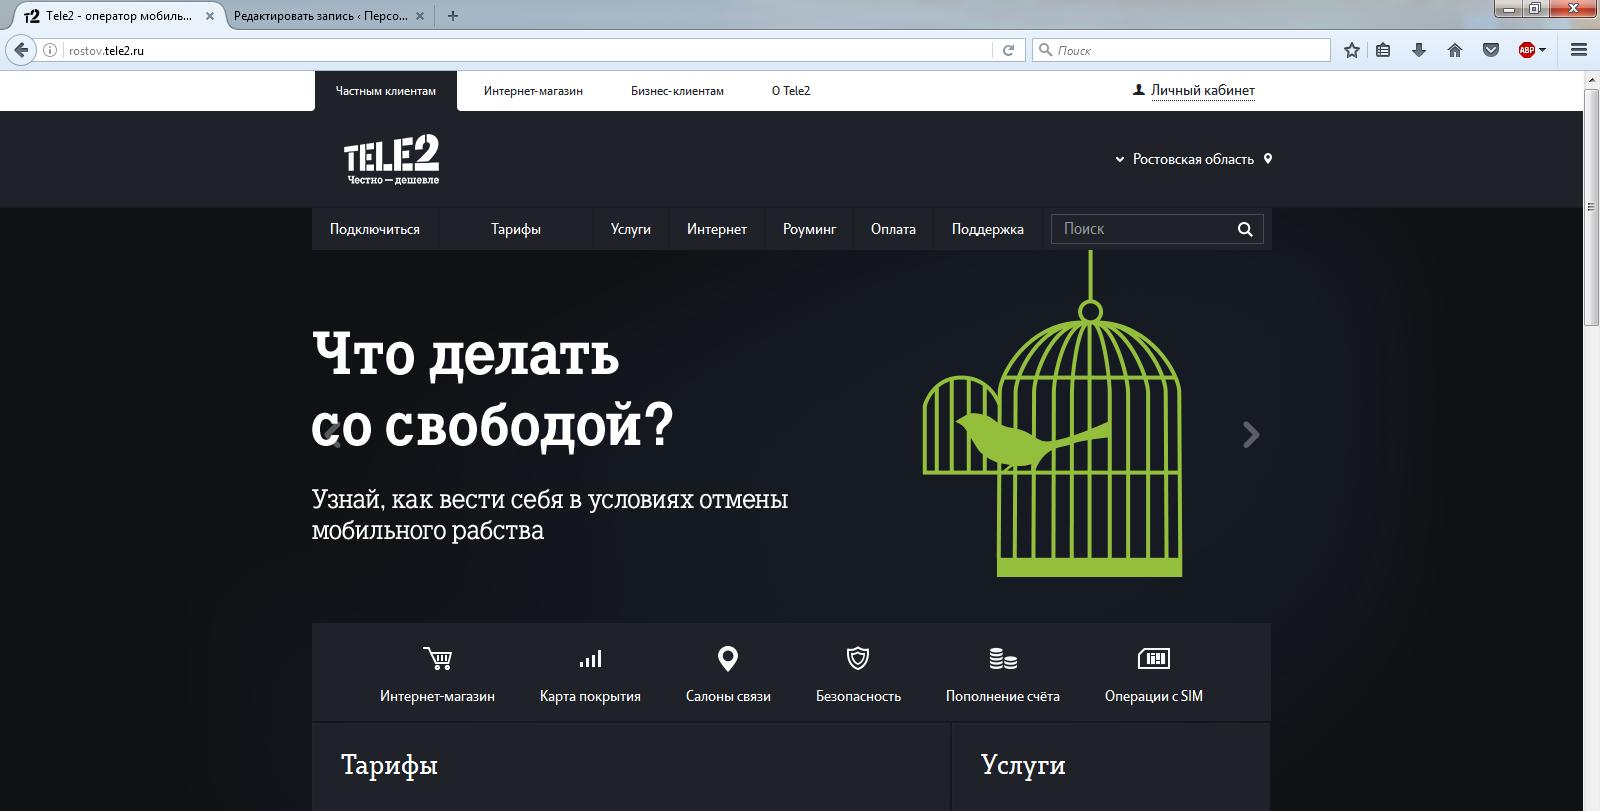 Тариф Мой онлайн+ от ТЕЛЕ2